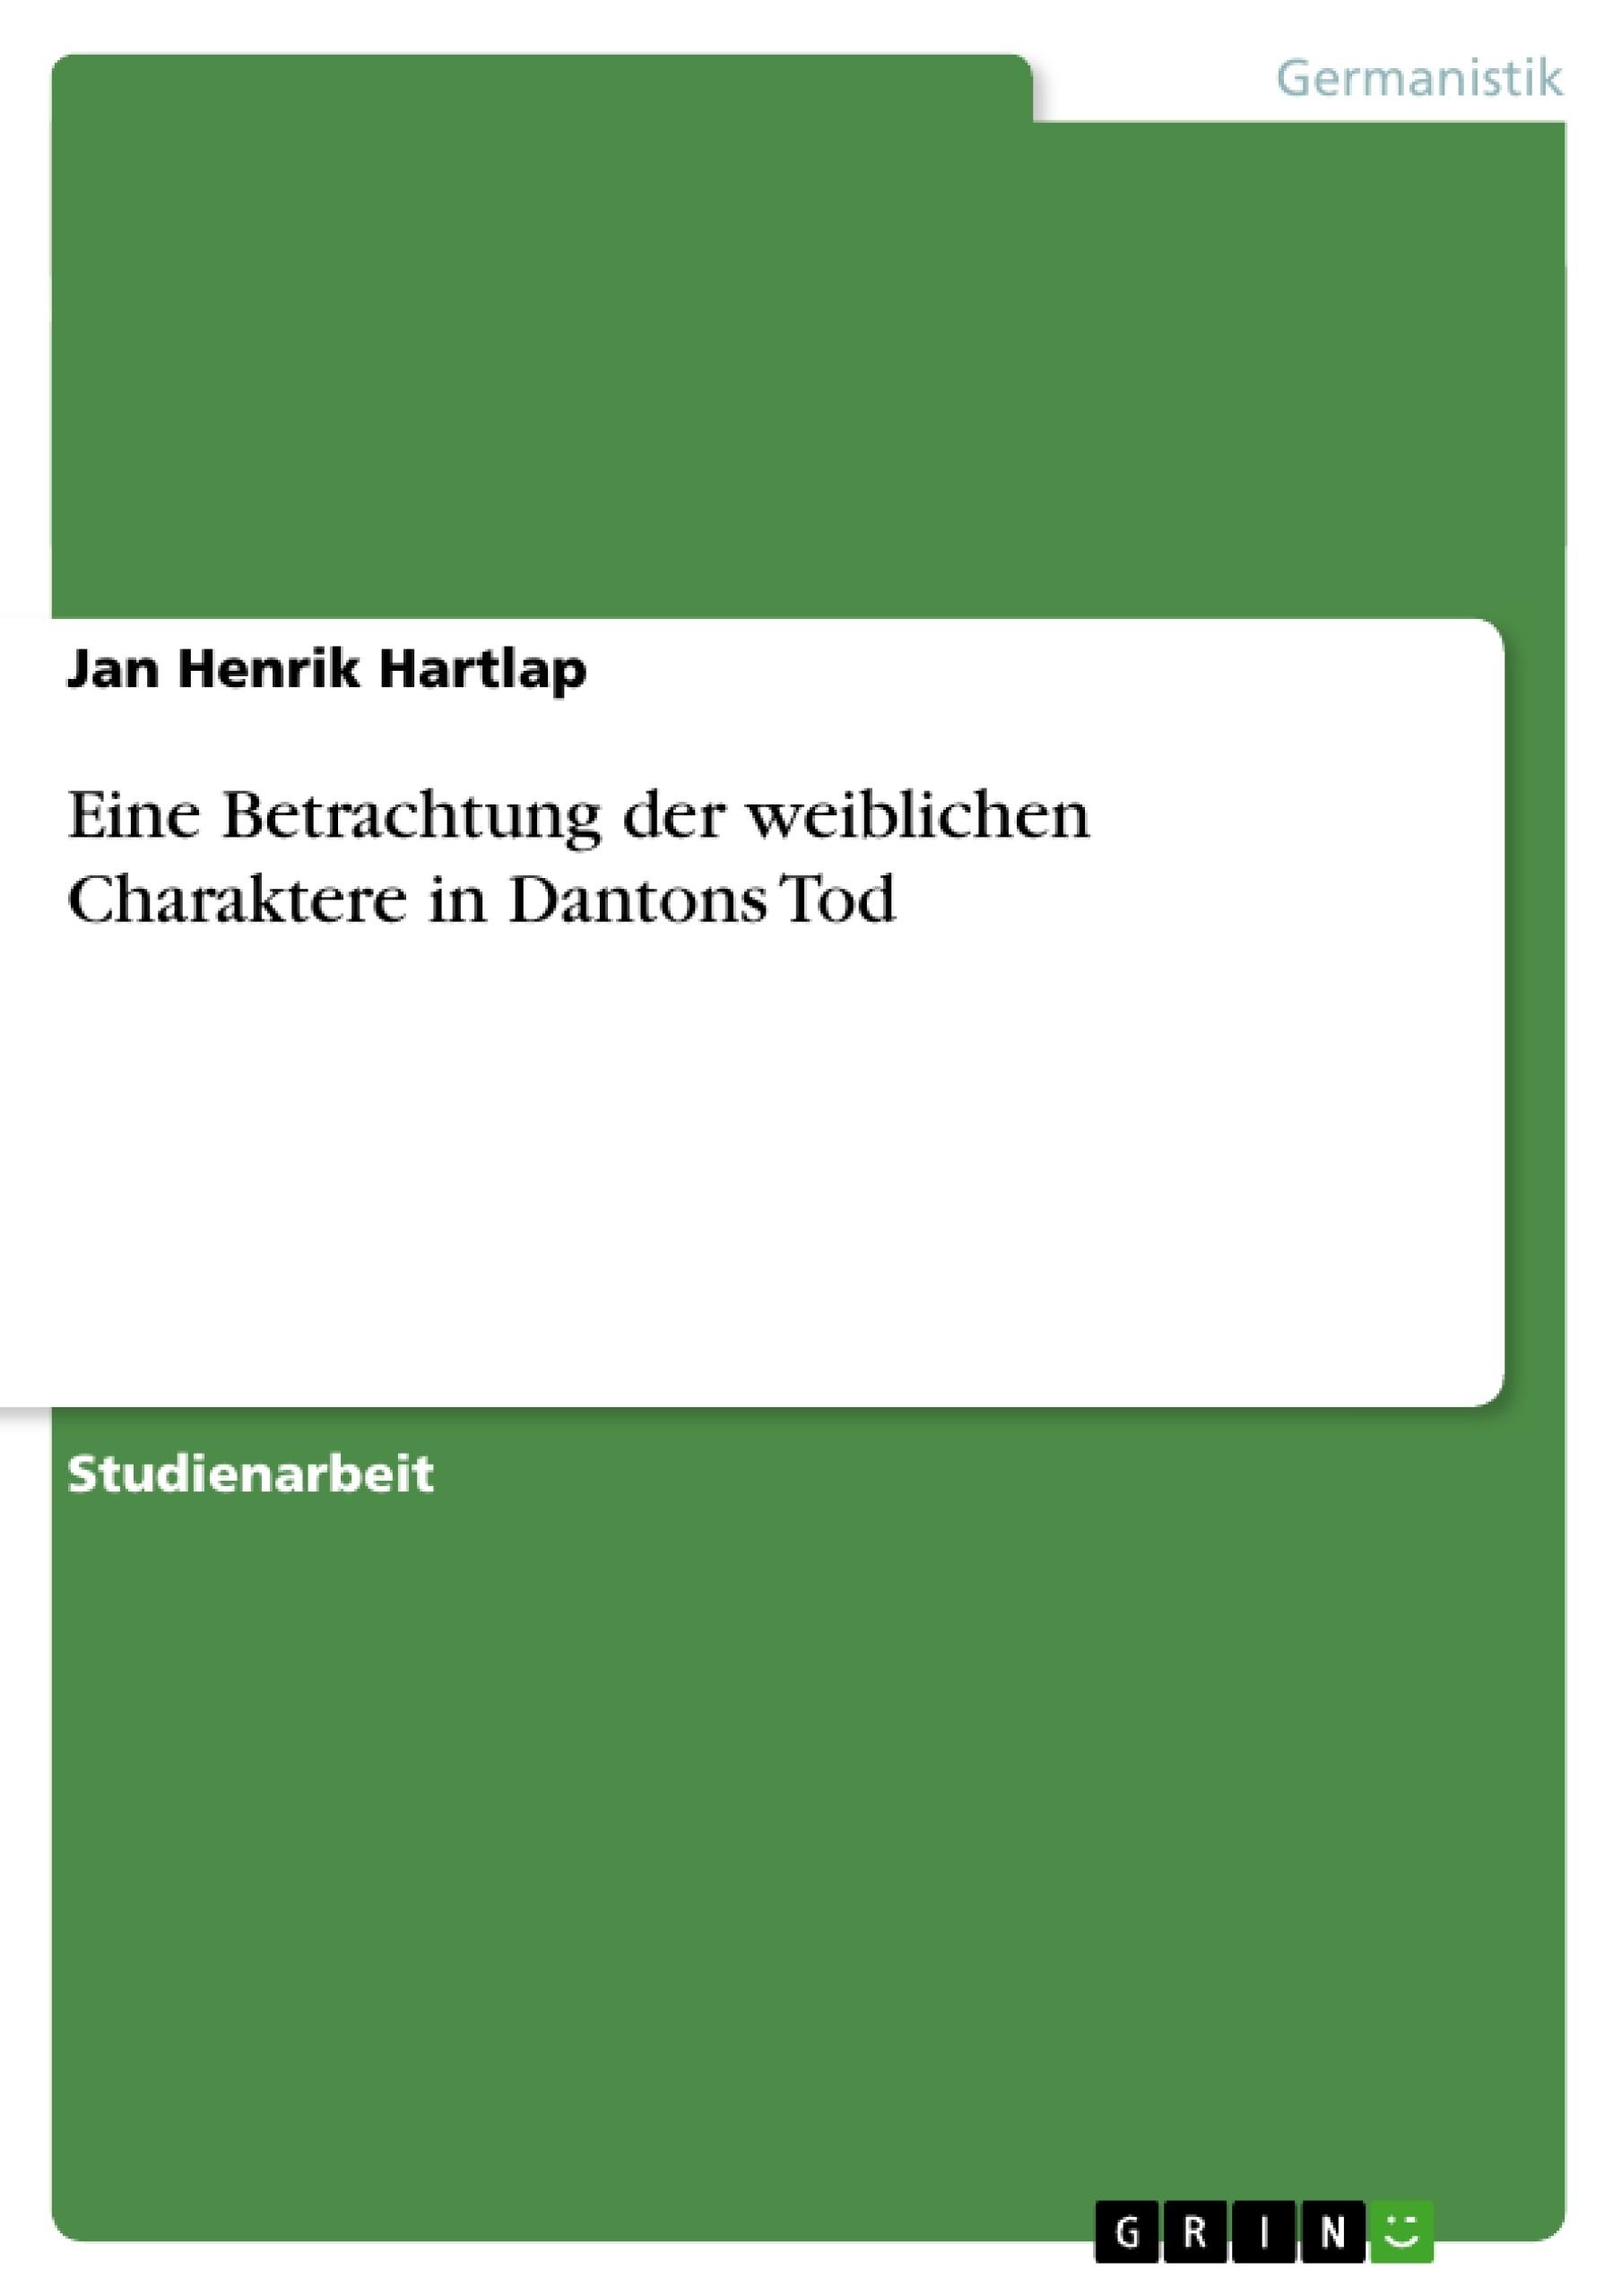 Titel: Eine Betrachtung der weiblichen Charaktere in Dantons Tod